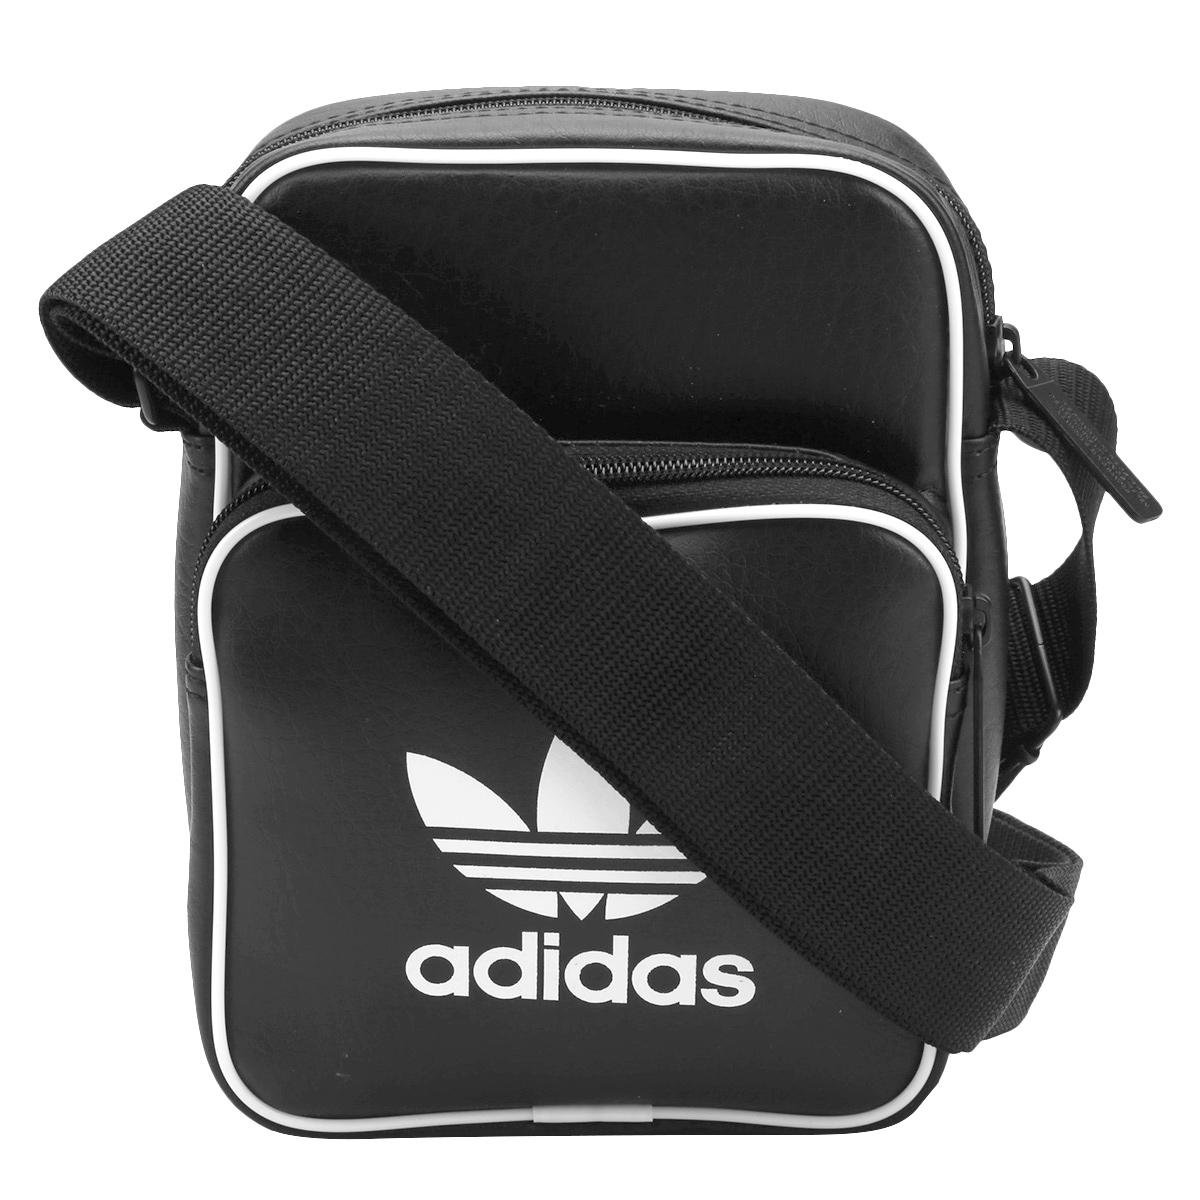 895b8c05dc Bolsa Adidas Mini Bag Classic - Compre Agora